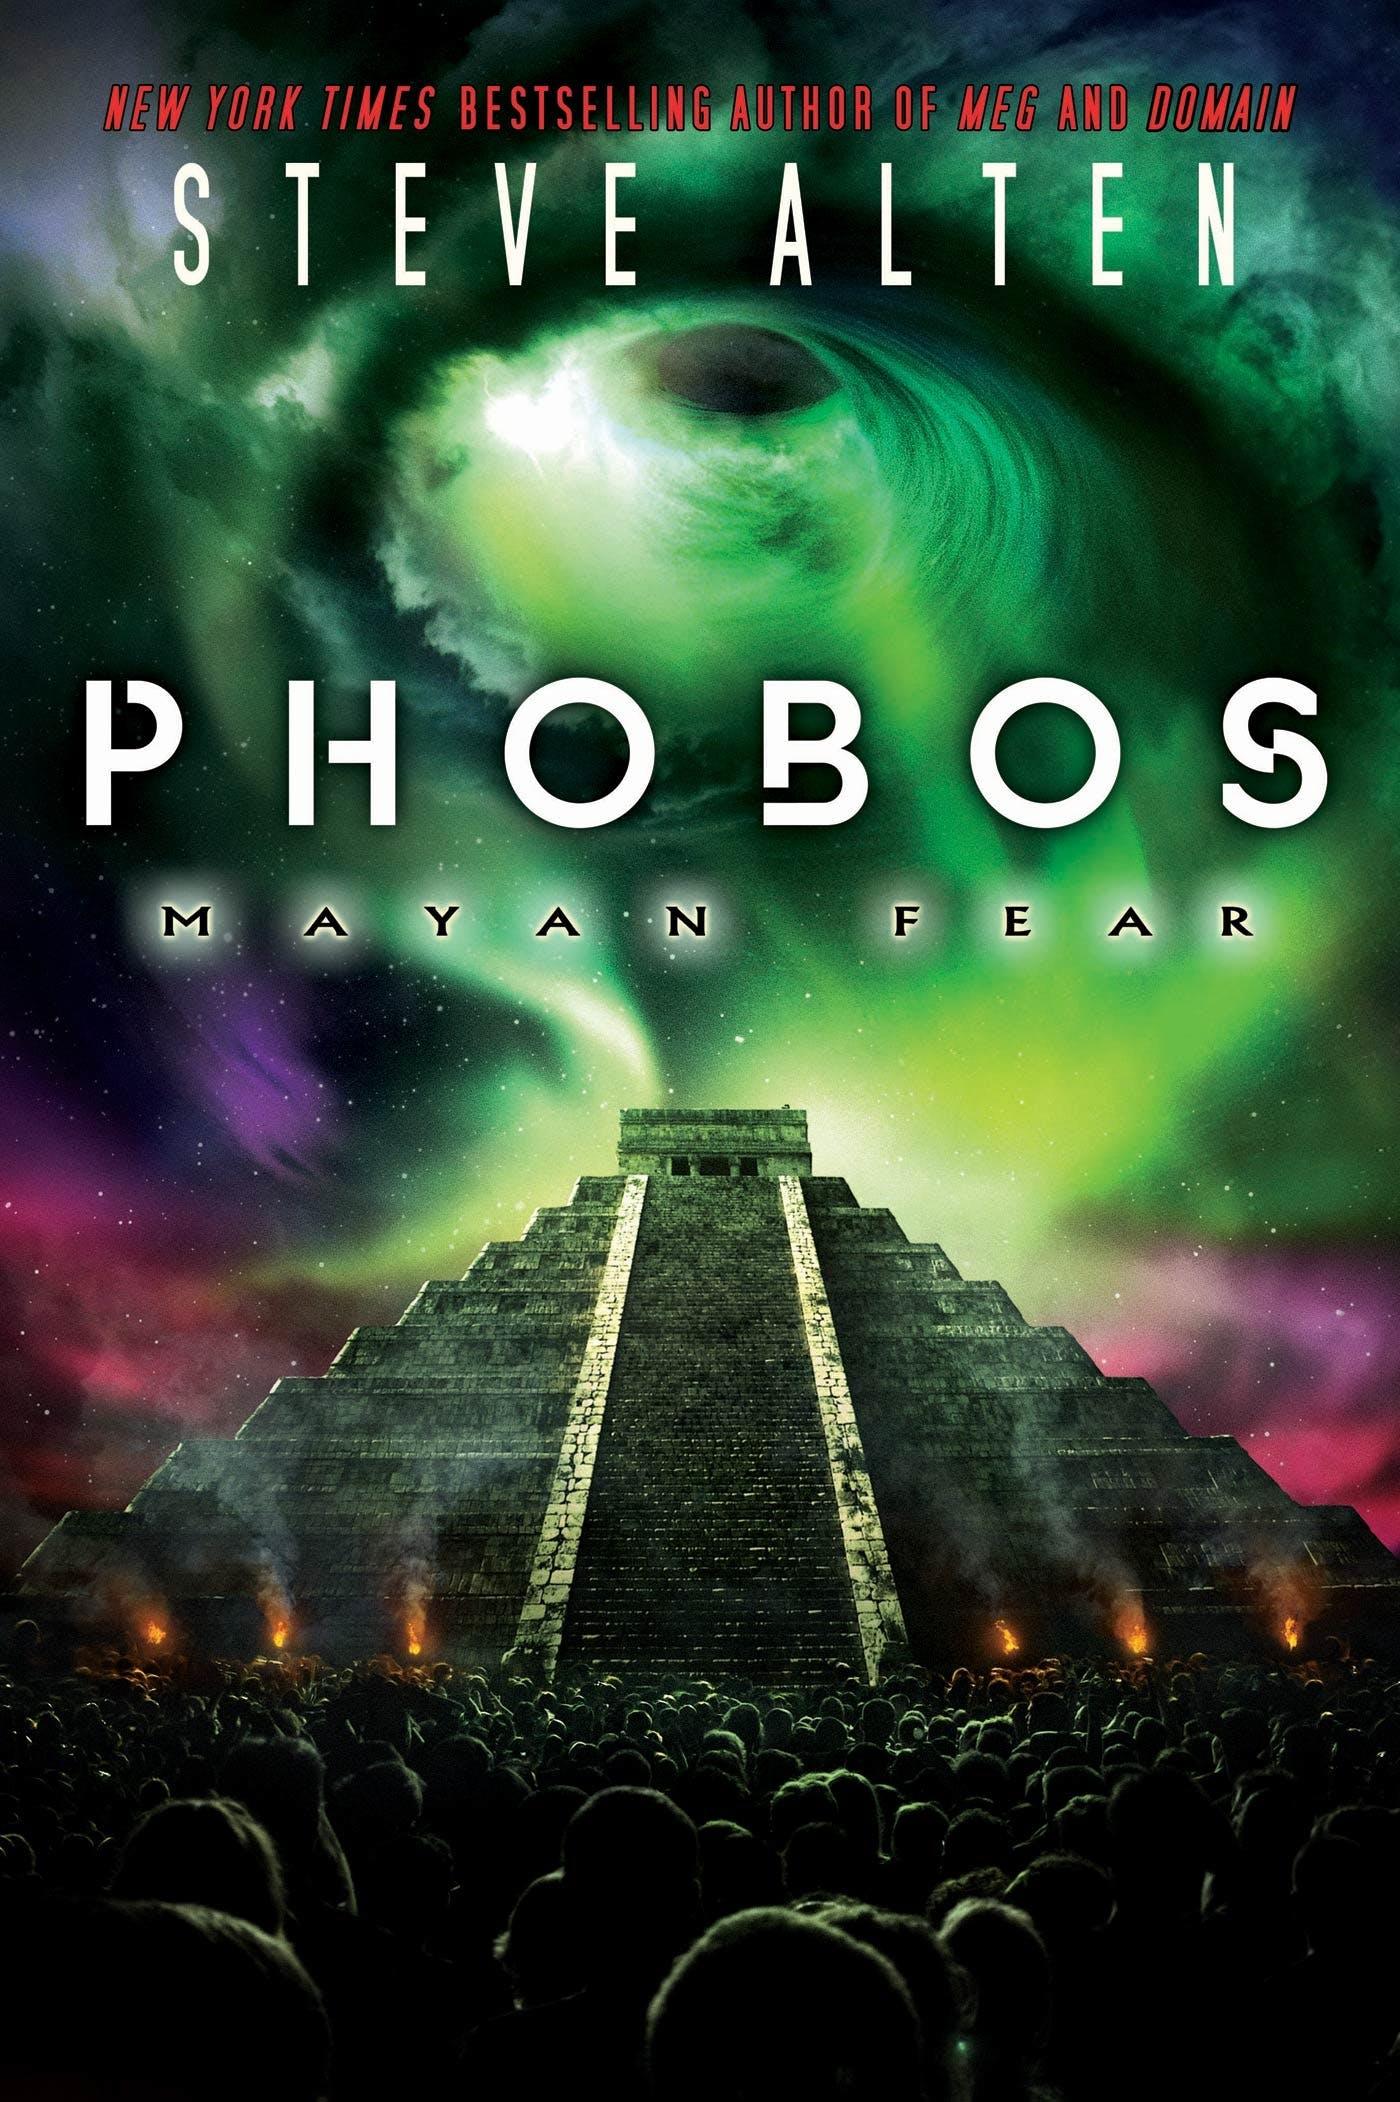 Image of Phobos